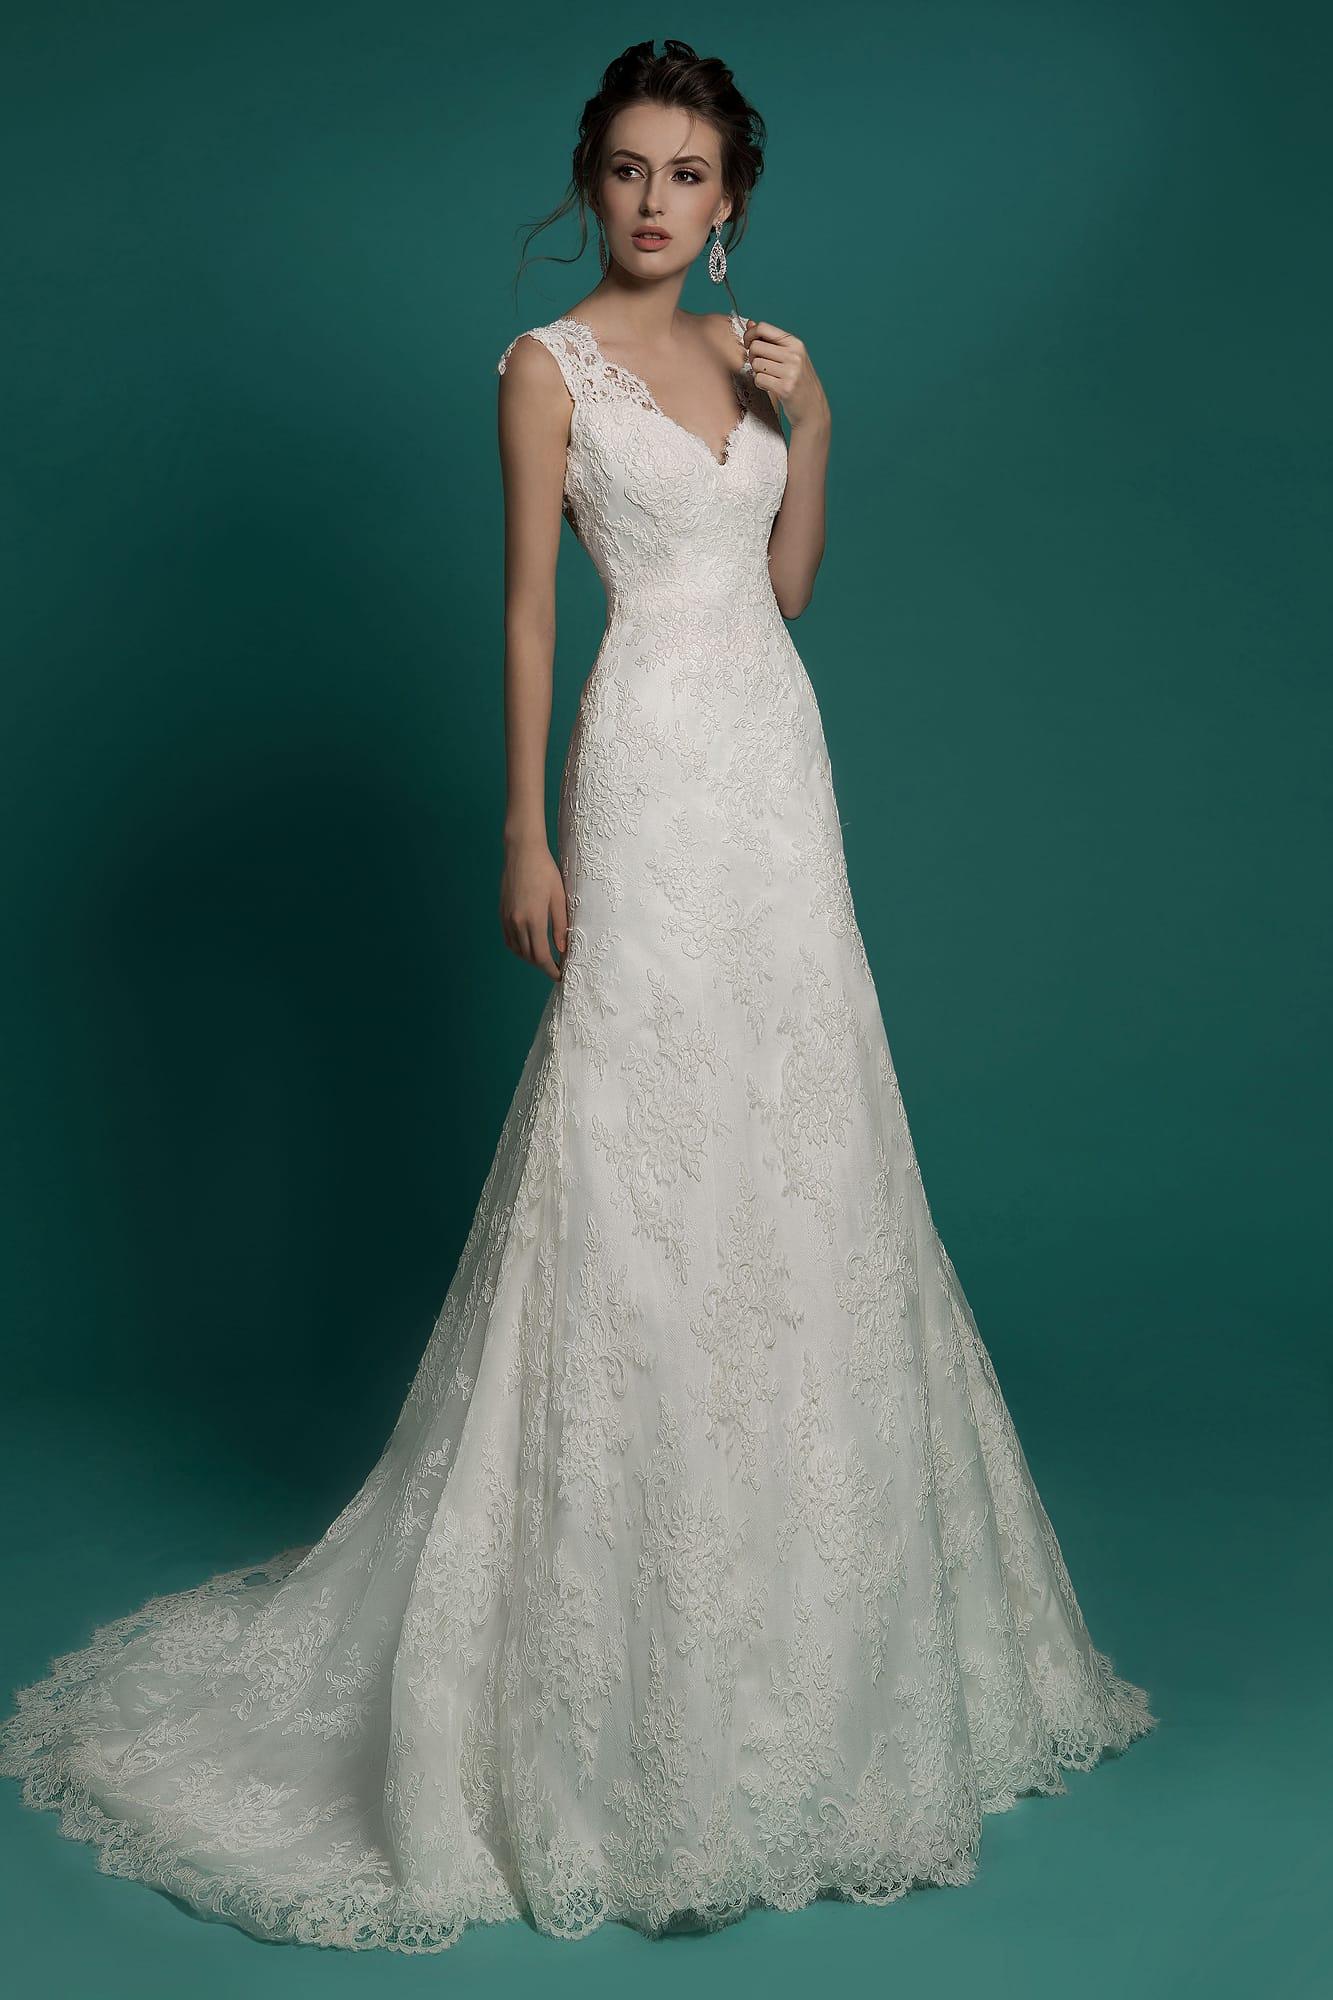 16596353bf6 Свадебное платье А-силуэта с кружевной отделкой и изящным глубоким декольте  сзади.